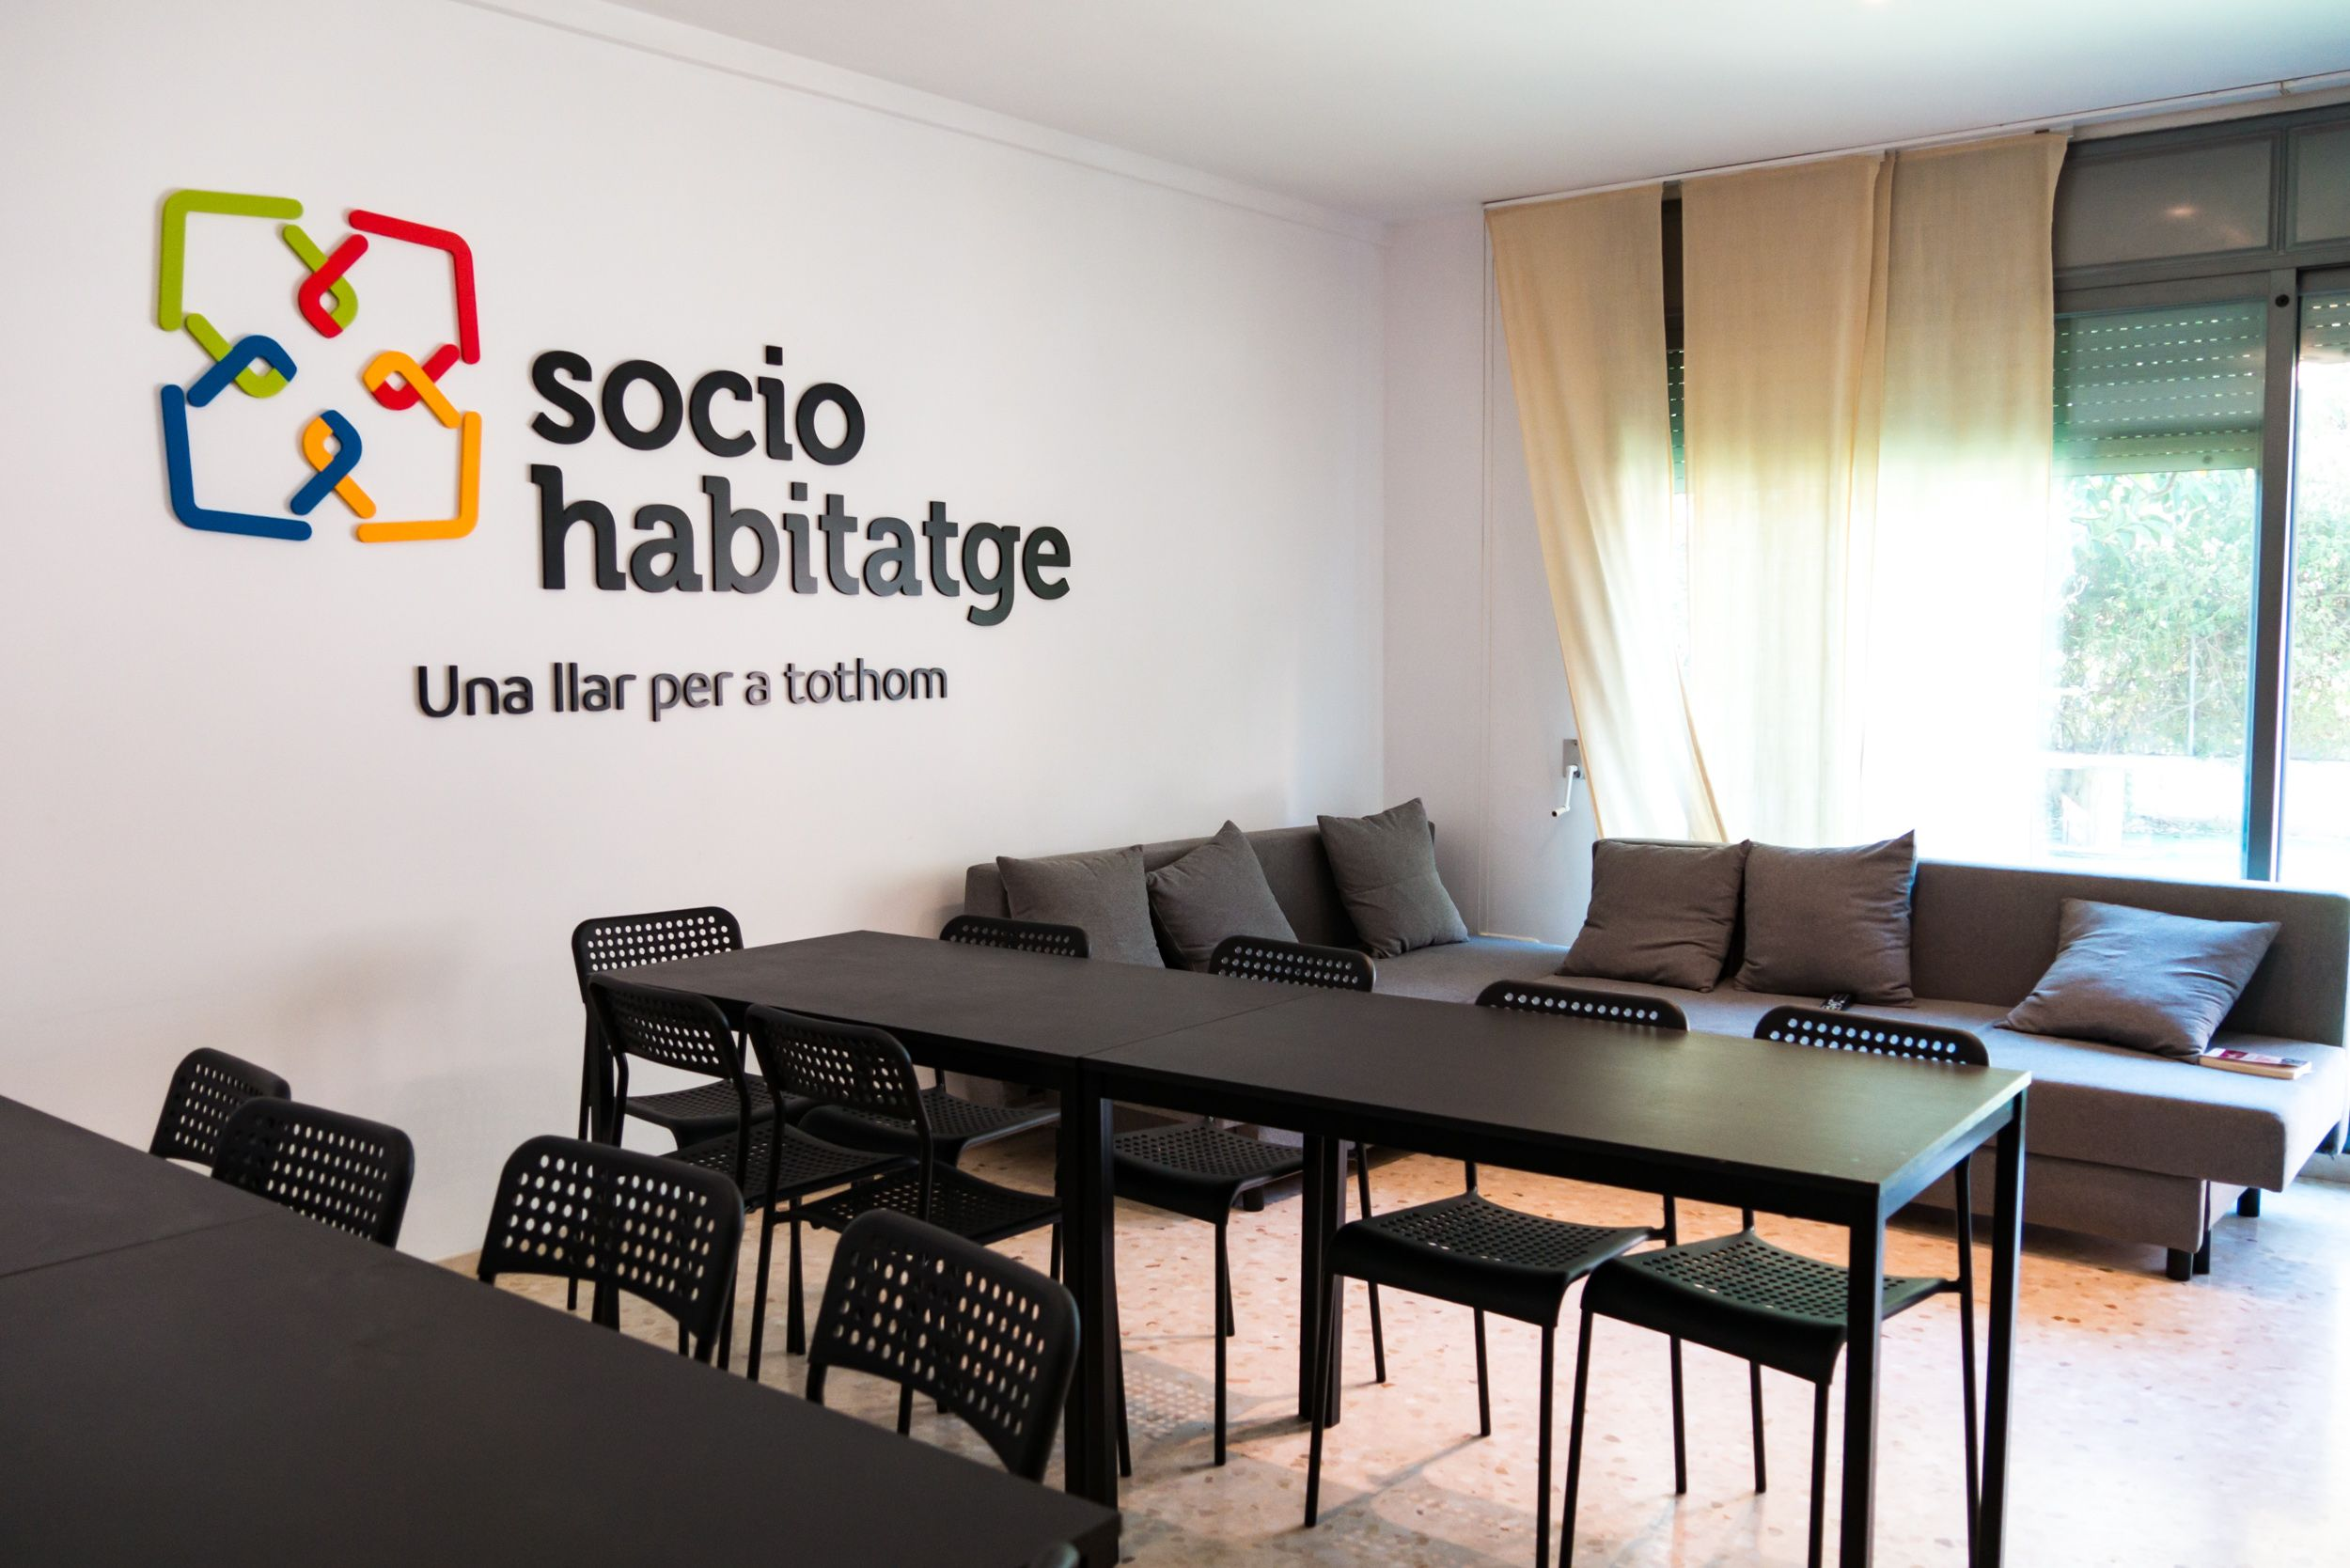 Socio Habitatge Badalona